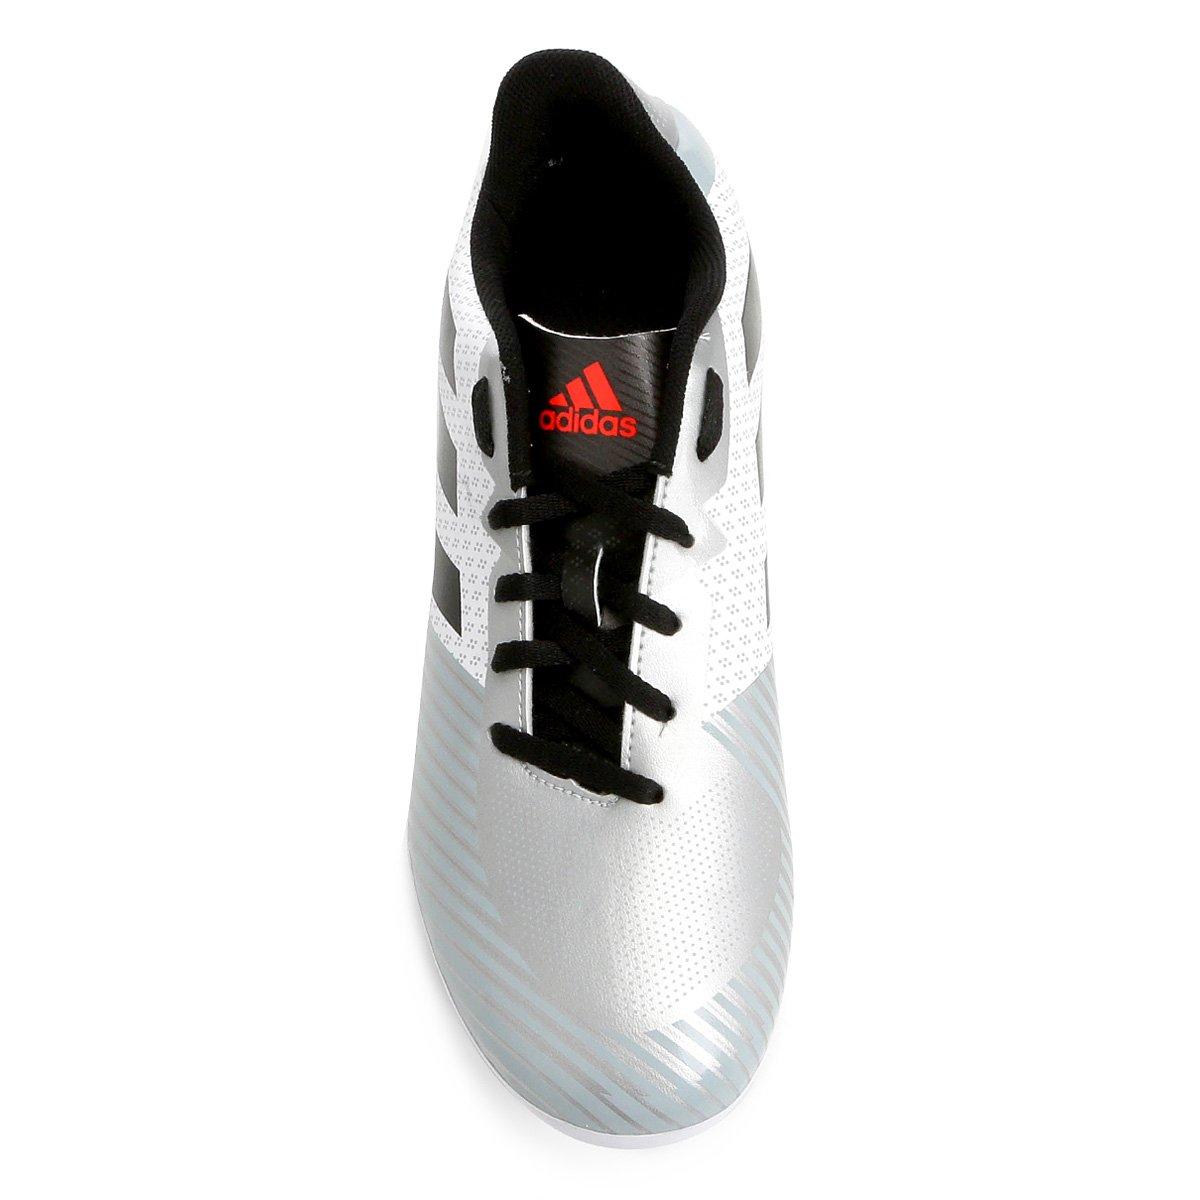 Chuteira Campo Adidas Artilheira 18 FXG - Branco e Preto - Compre ... 9952614585a92